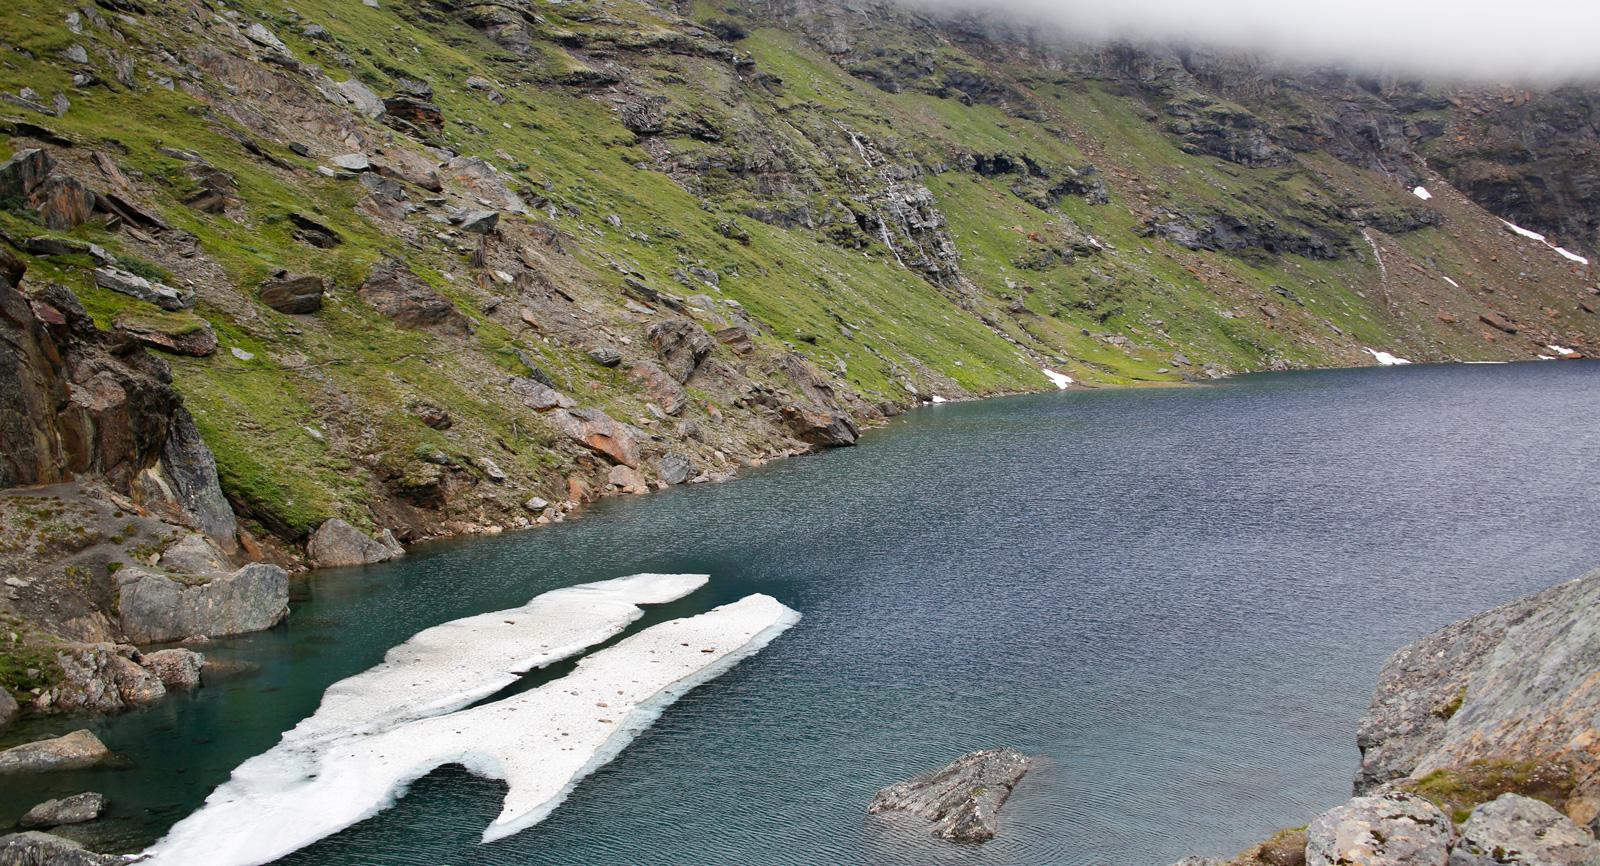 Under klara stilla dagar kan man se ända ner till botten av Trollsjön.